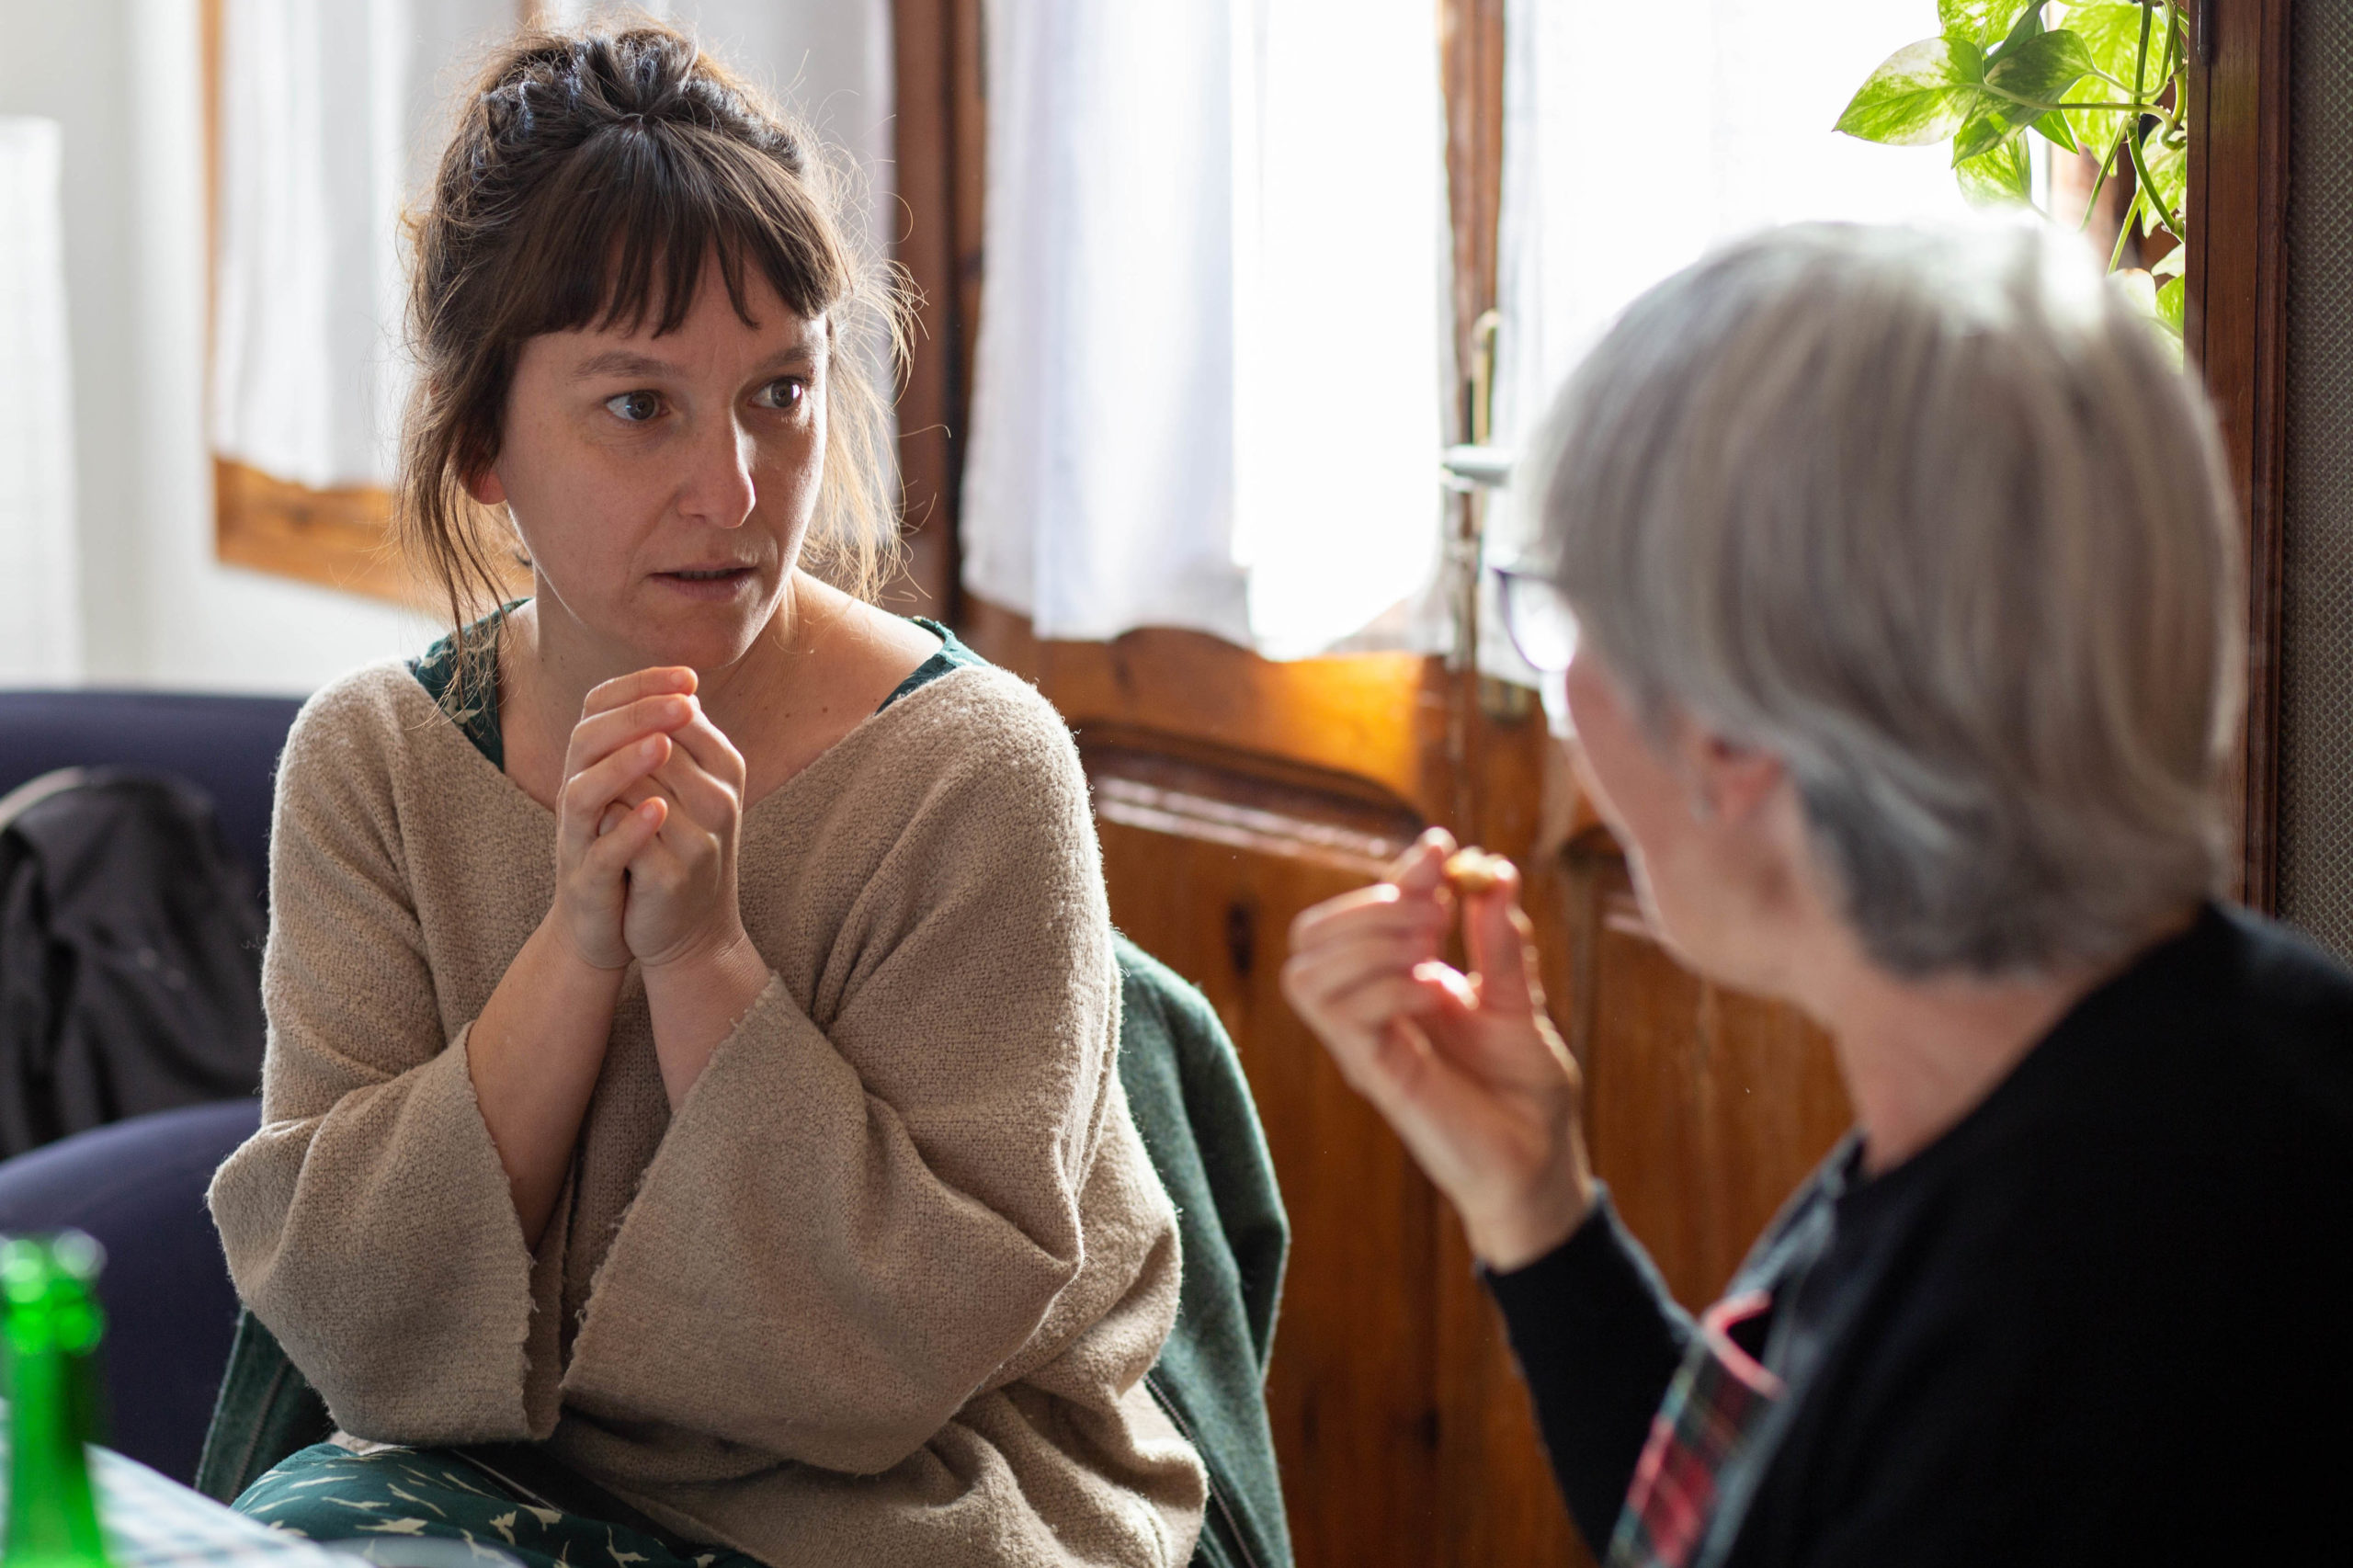 Dues dones parlant en un dinar al menjador de casa